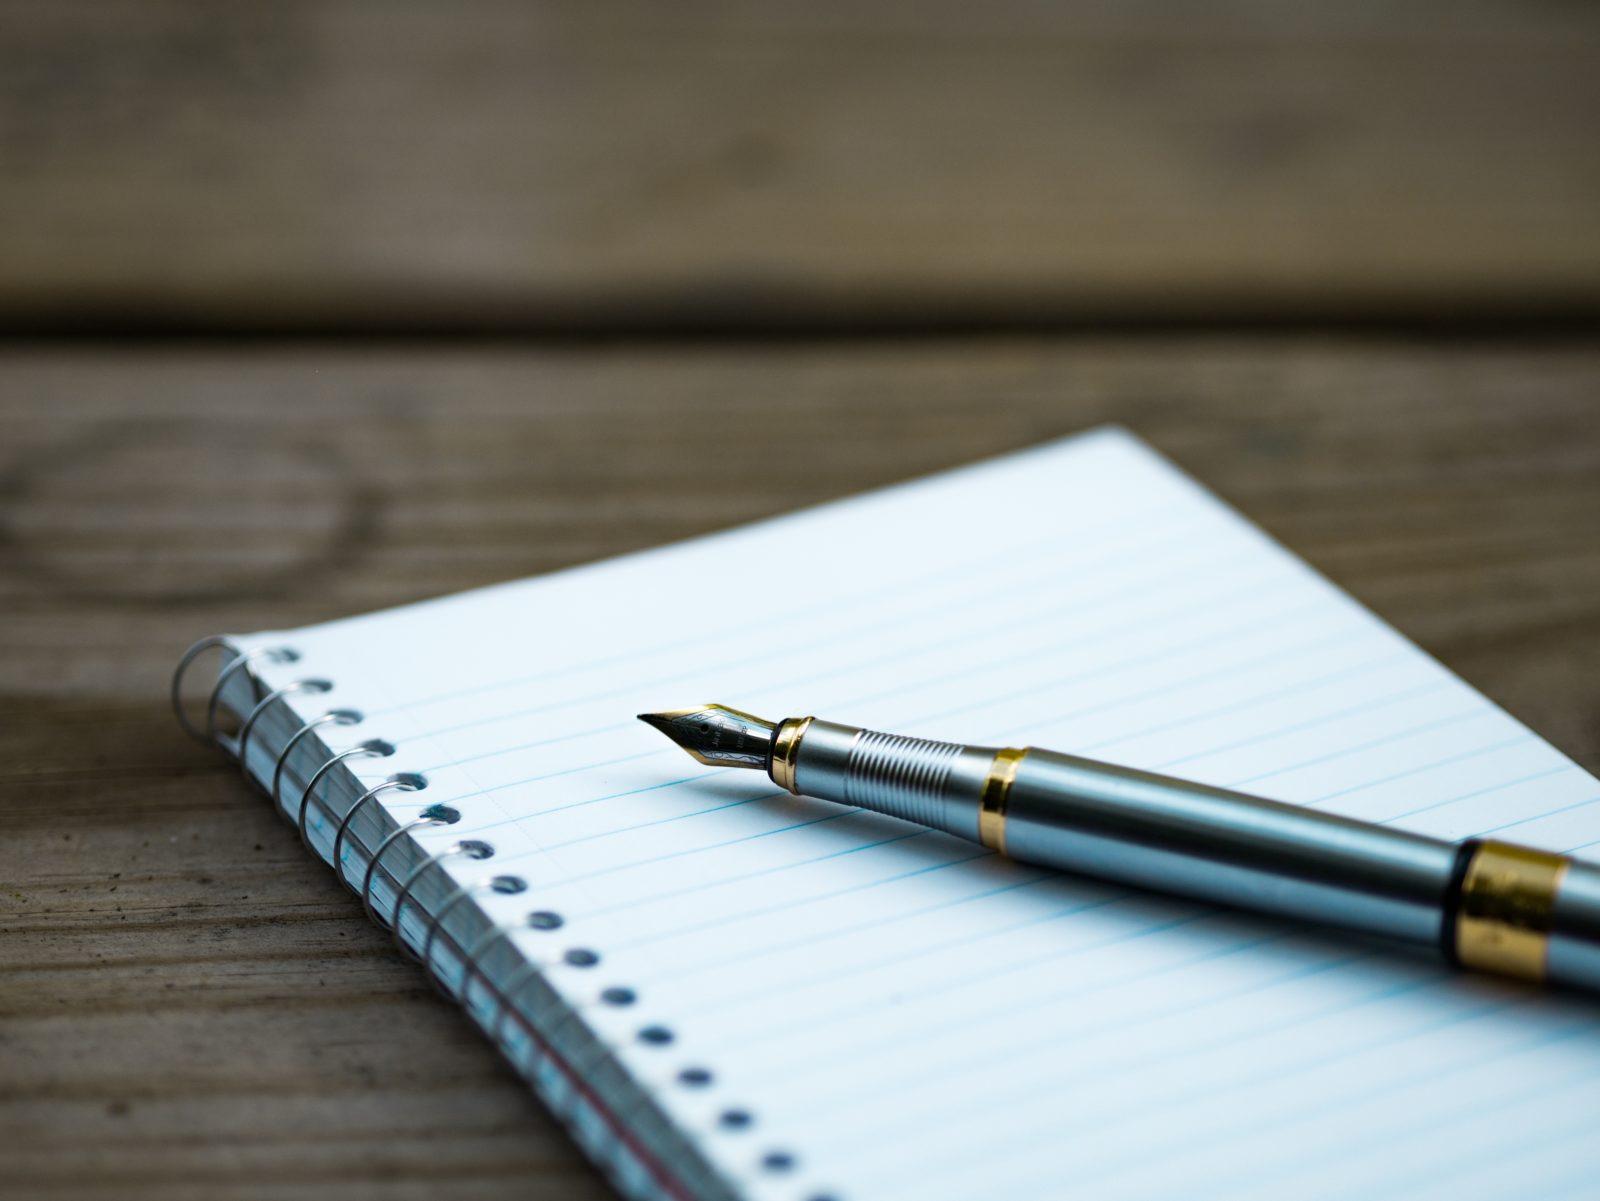 Carta abierta a la nueva Consejera de Educación de la Junta de Andalucía